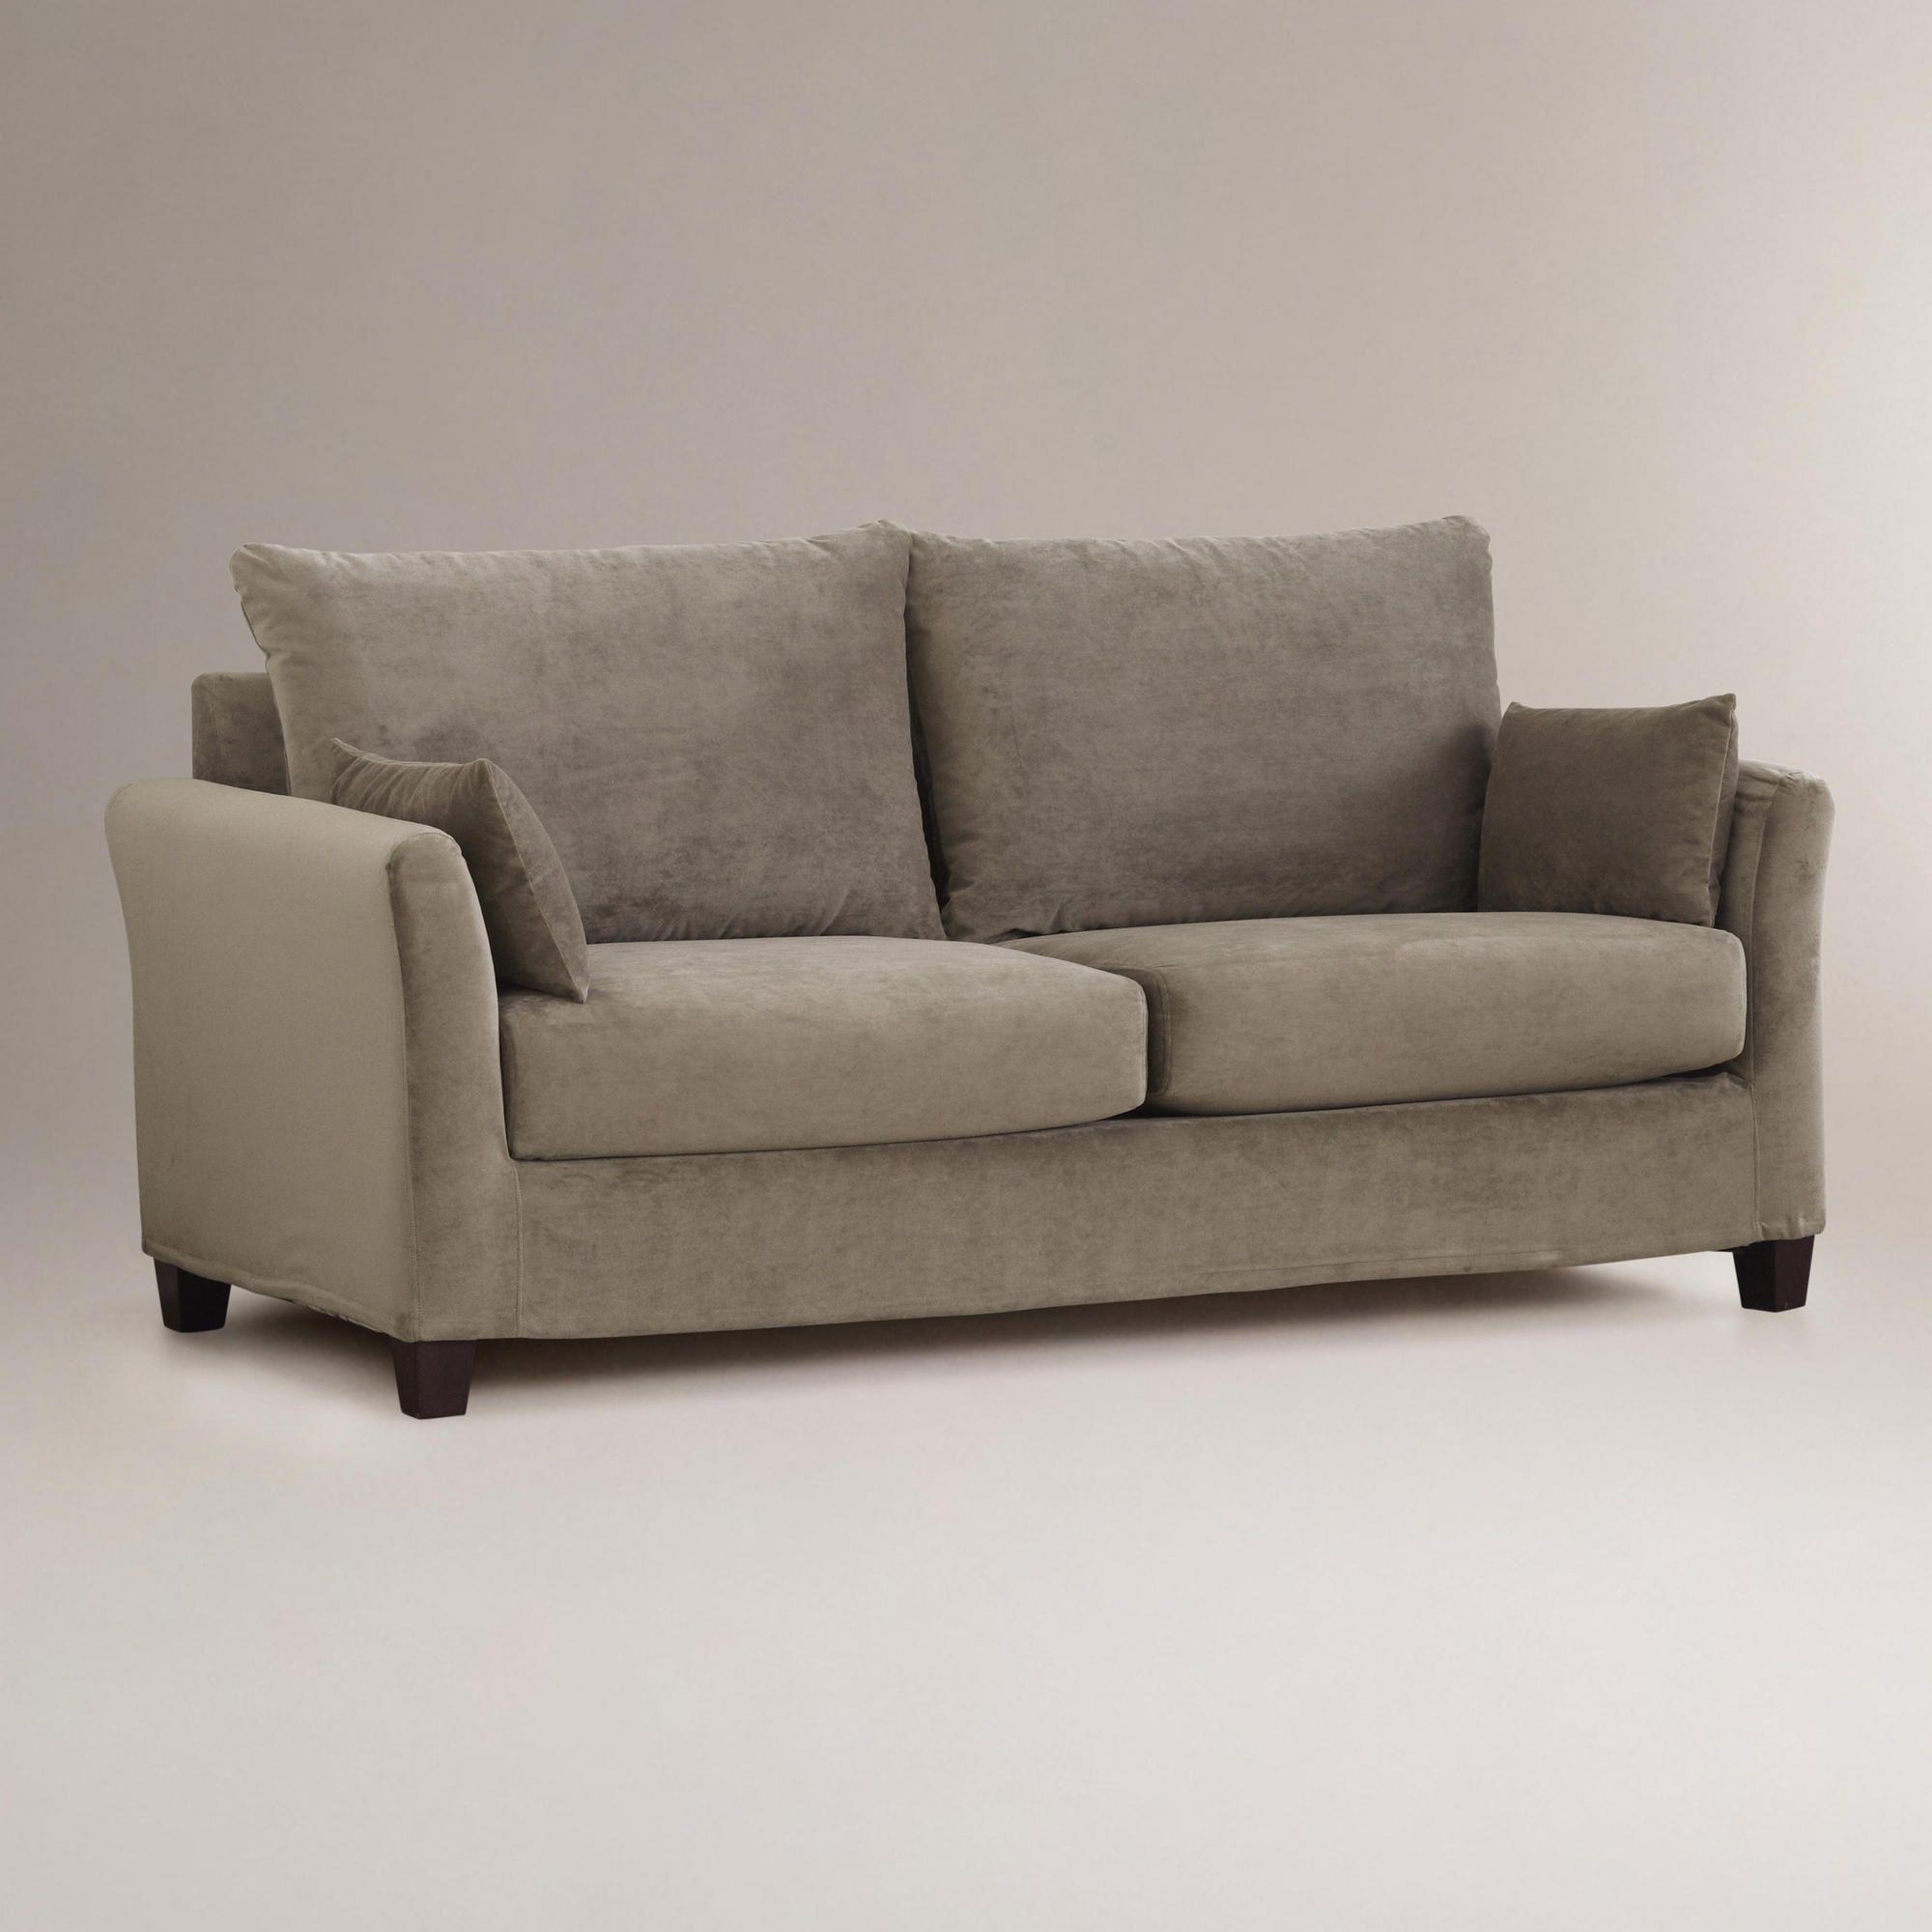 Soft Grey Mink Velvet Luxe Sofa Slipcover World Market Sofa